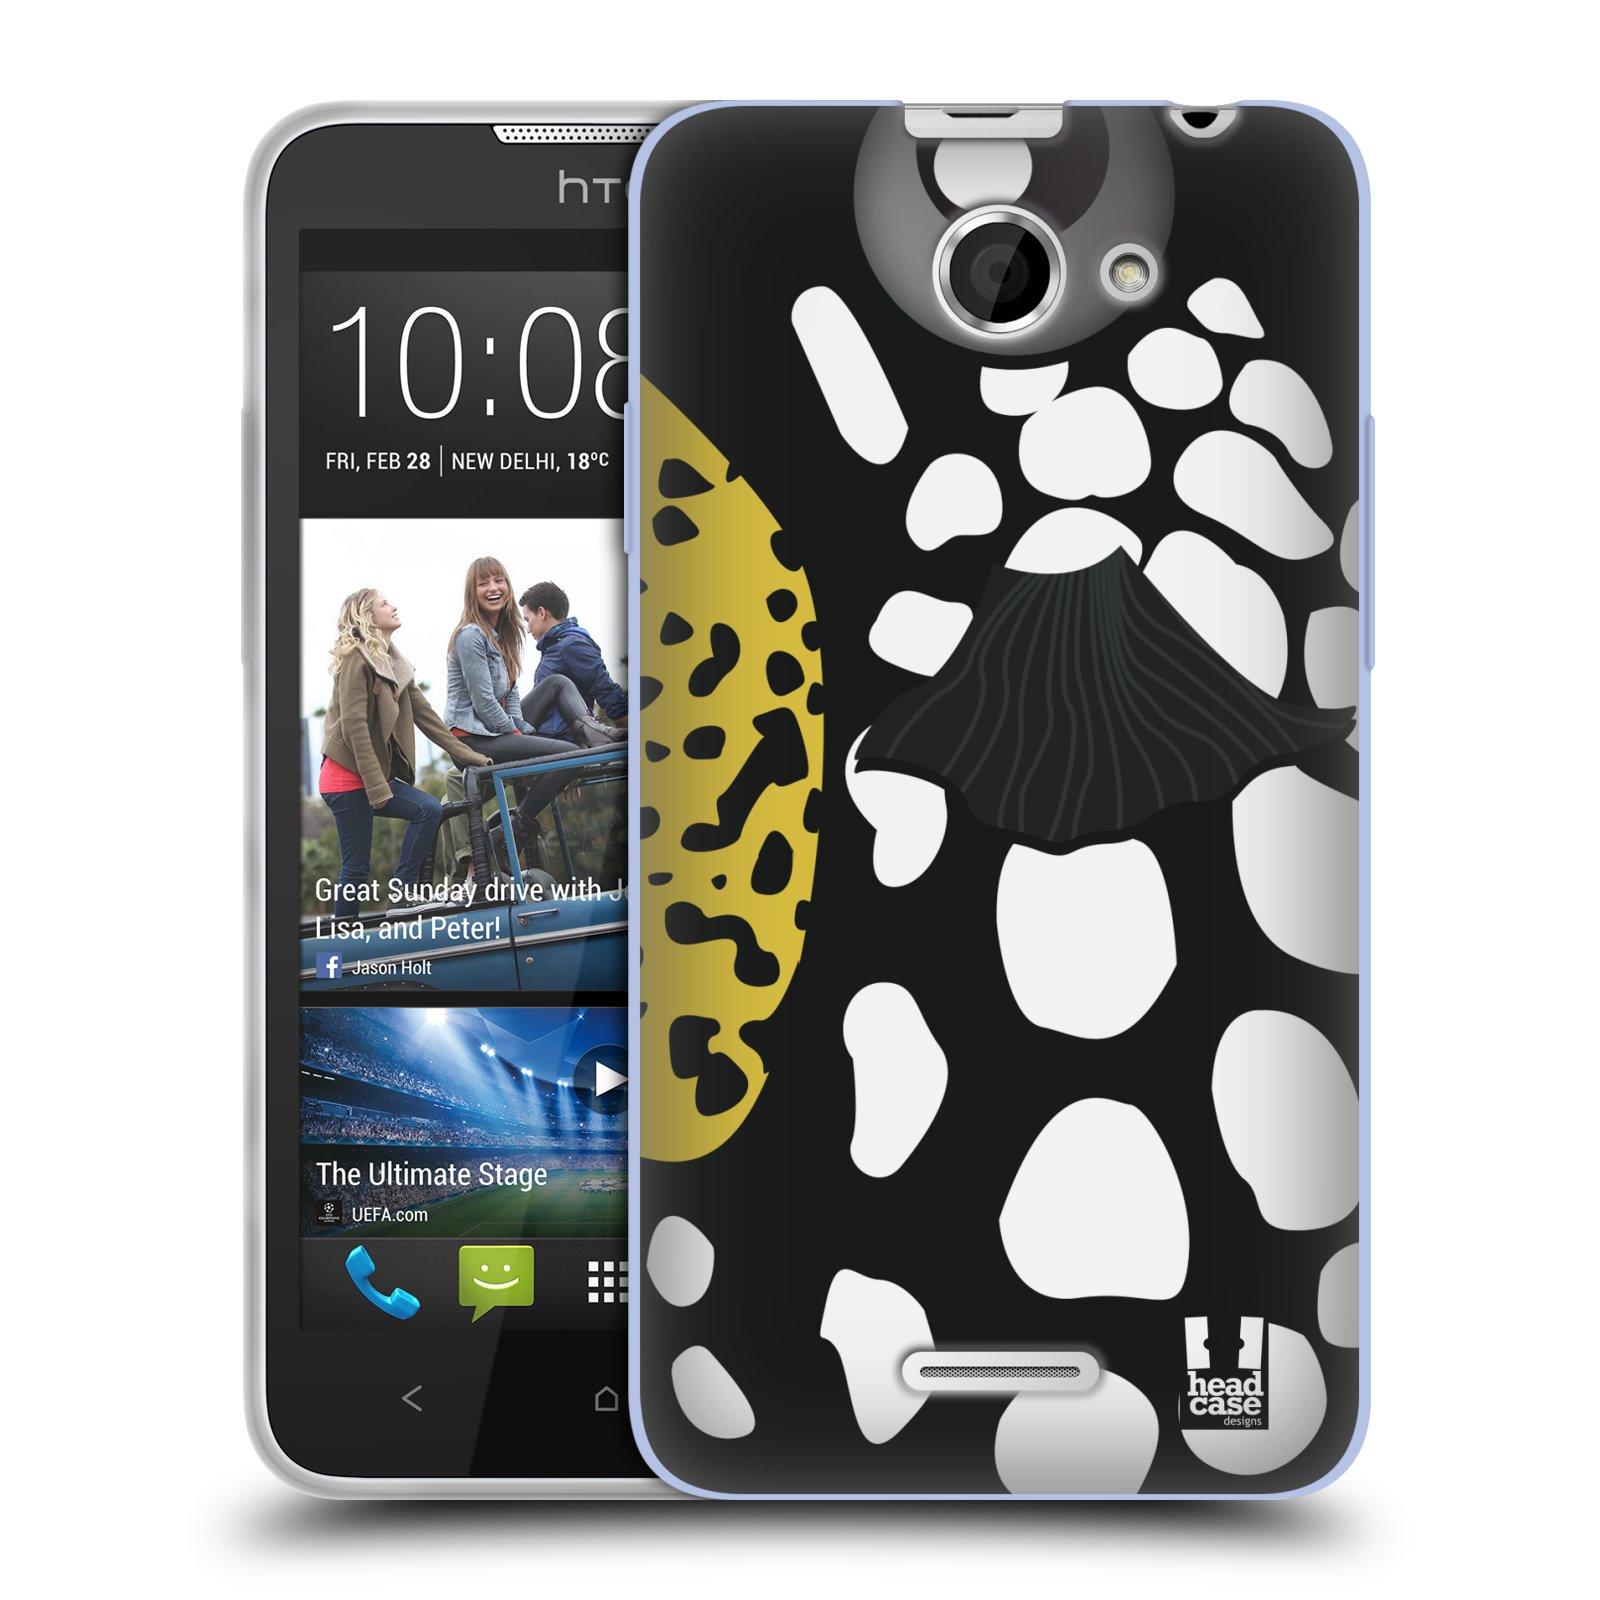 HEAD CASE silikonový obal na mobil HTC DESIRE 516 vzor Rybičky z profilu černá a bílá